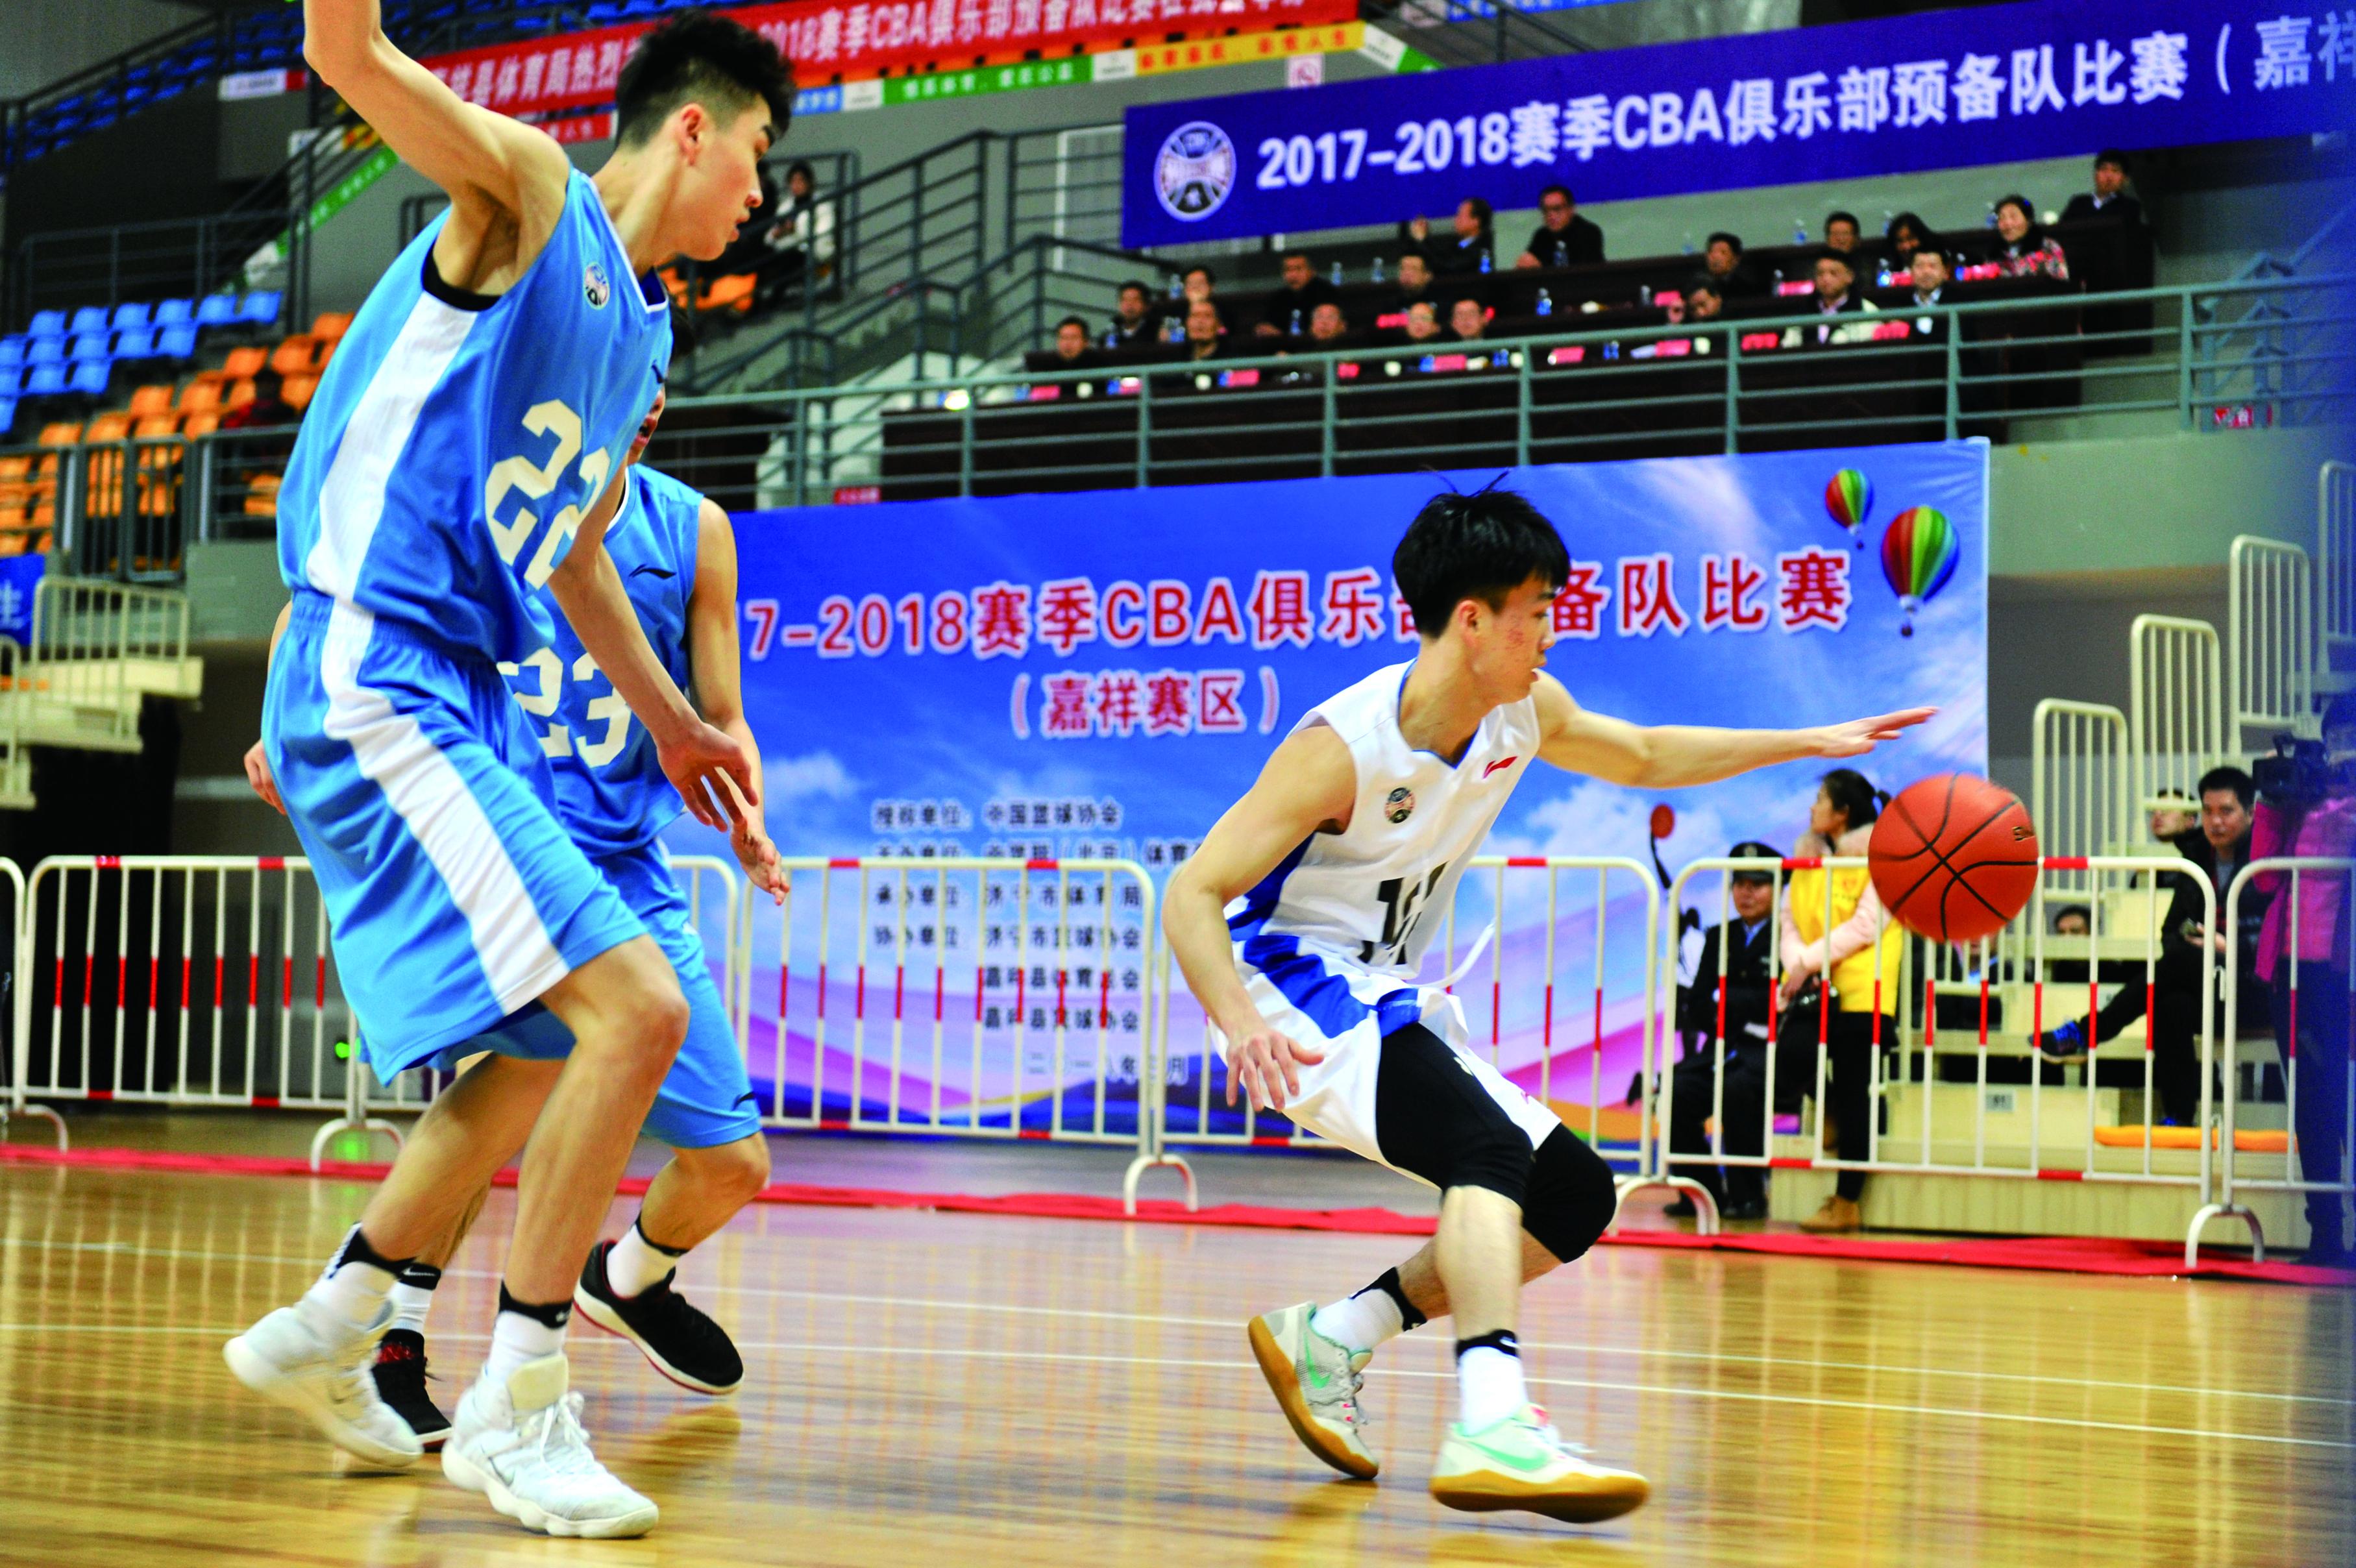 2017-2018赛季CBA俱乐部预备队比赛在山东省济宁市嘉祥县体育馆拉开战幕